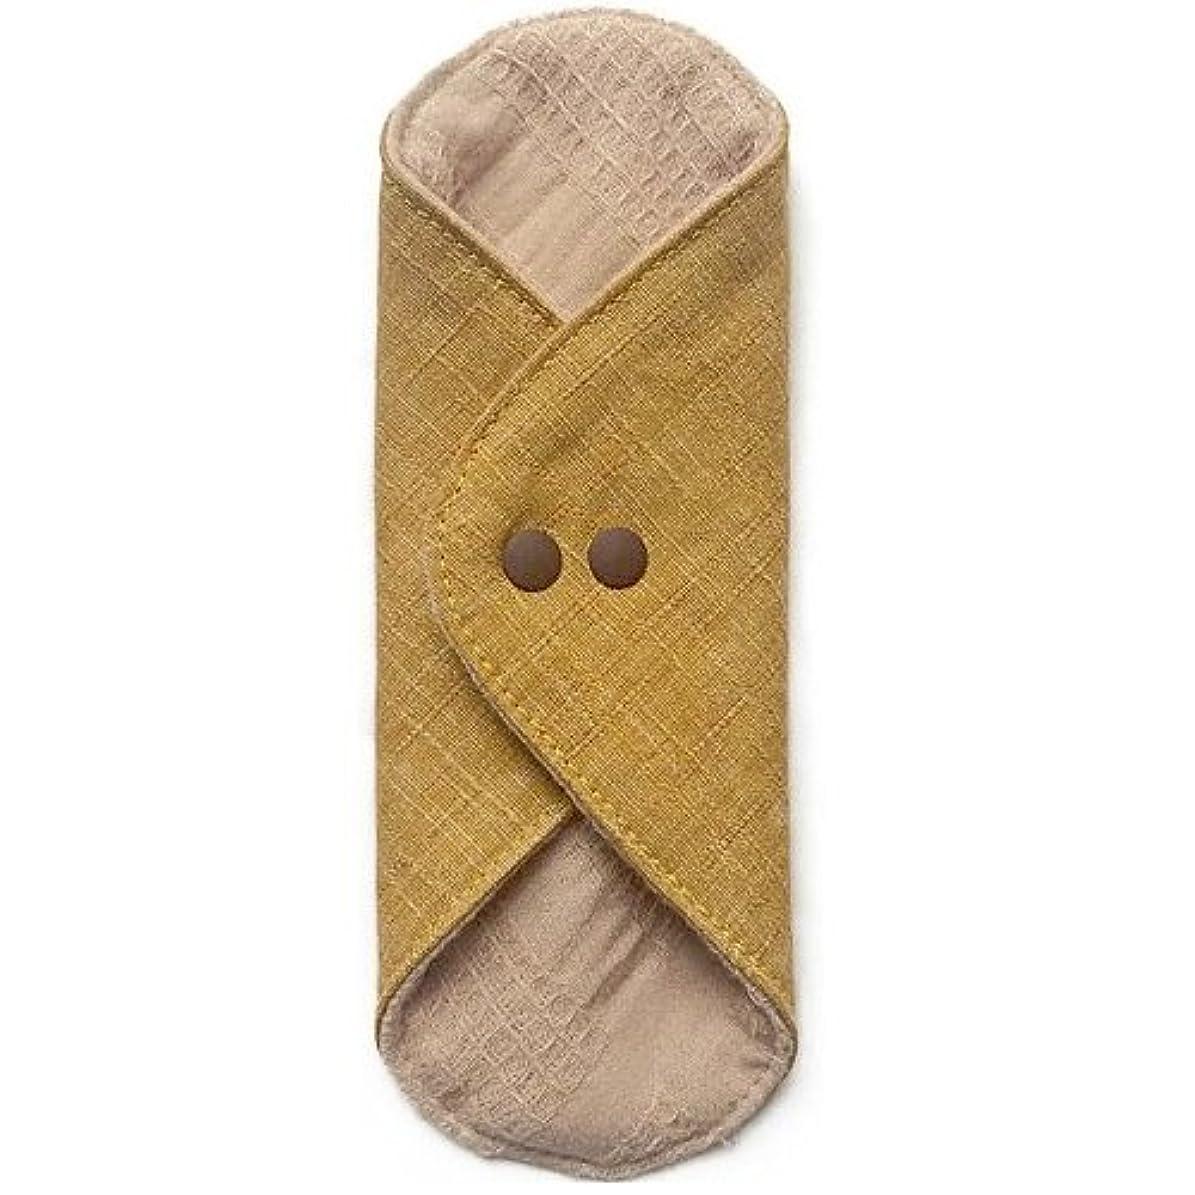 連隊ボックスいらいらさせる華布のオーガニックコットンのあたため布 Mサイズ(約15×約15cm) 彩り(山吹)